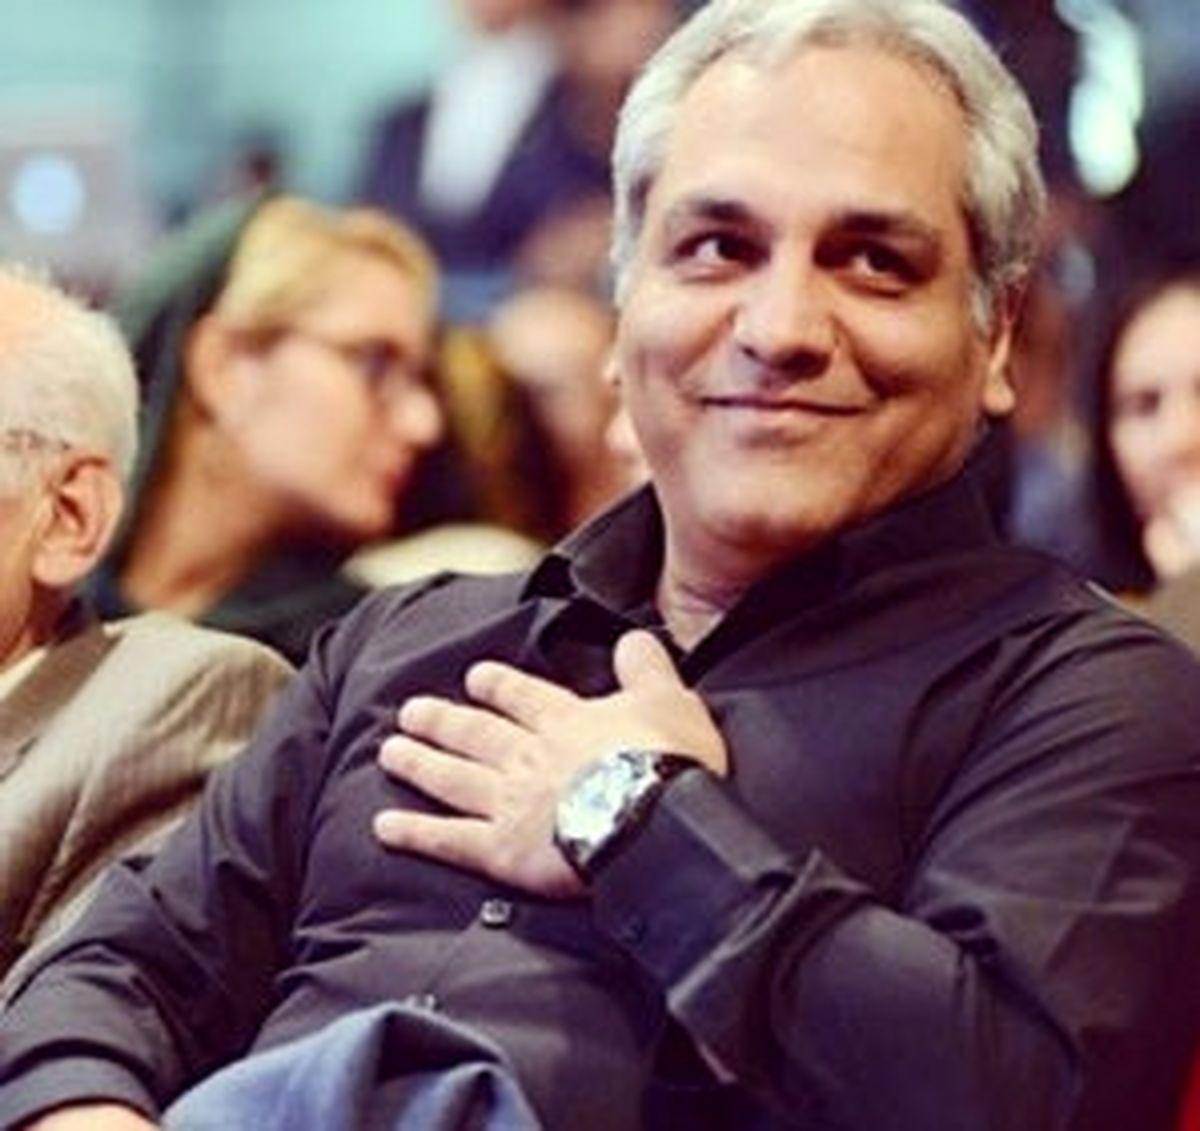 صورت پیر مهران مدیری بعد از ابتلا به کرونا  تصویر شوکه کننده